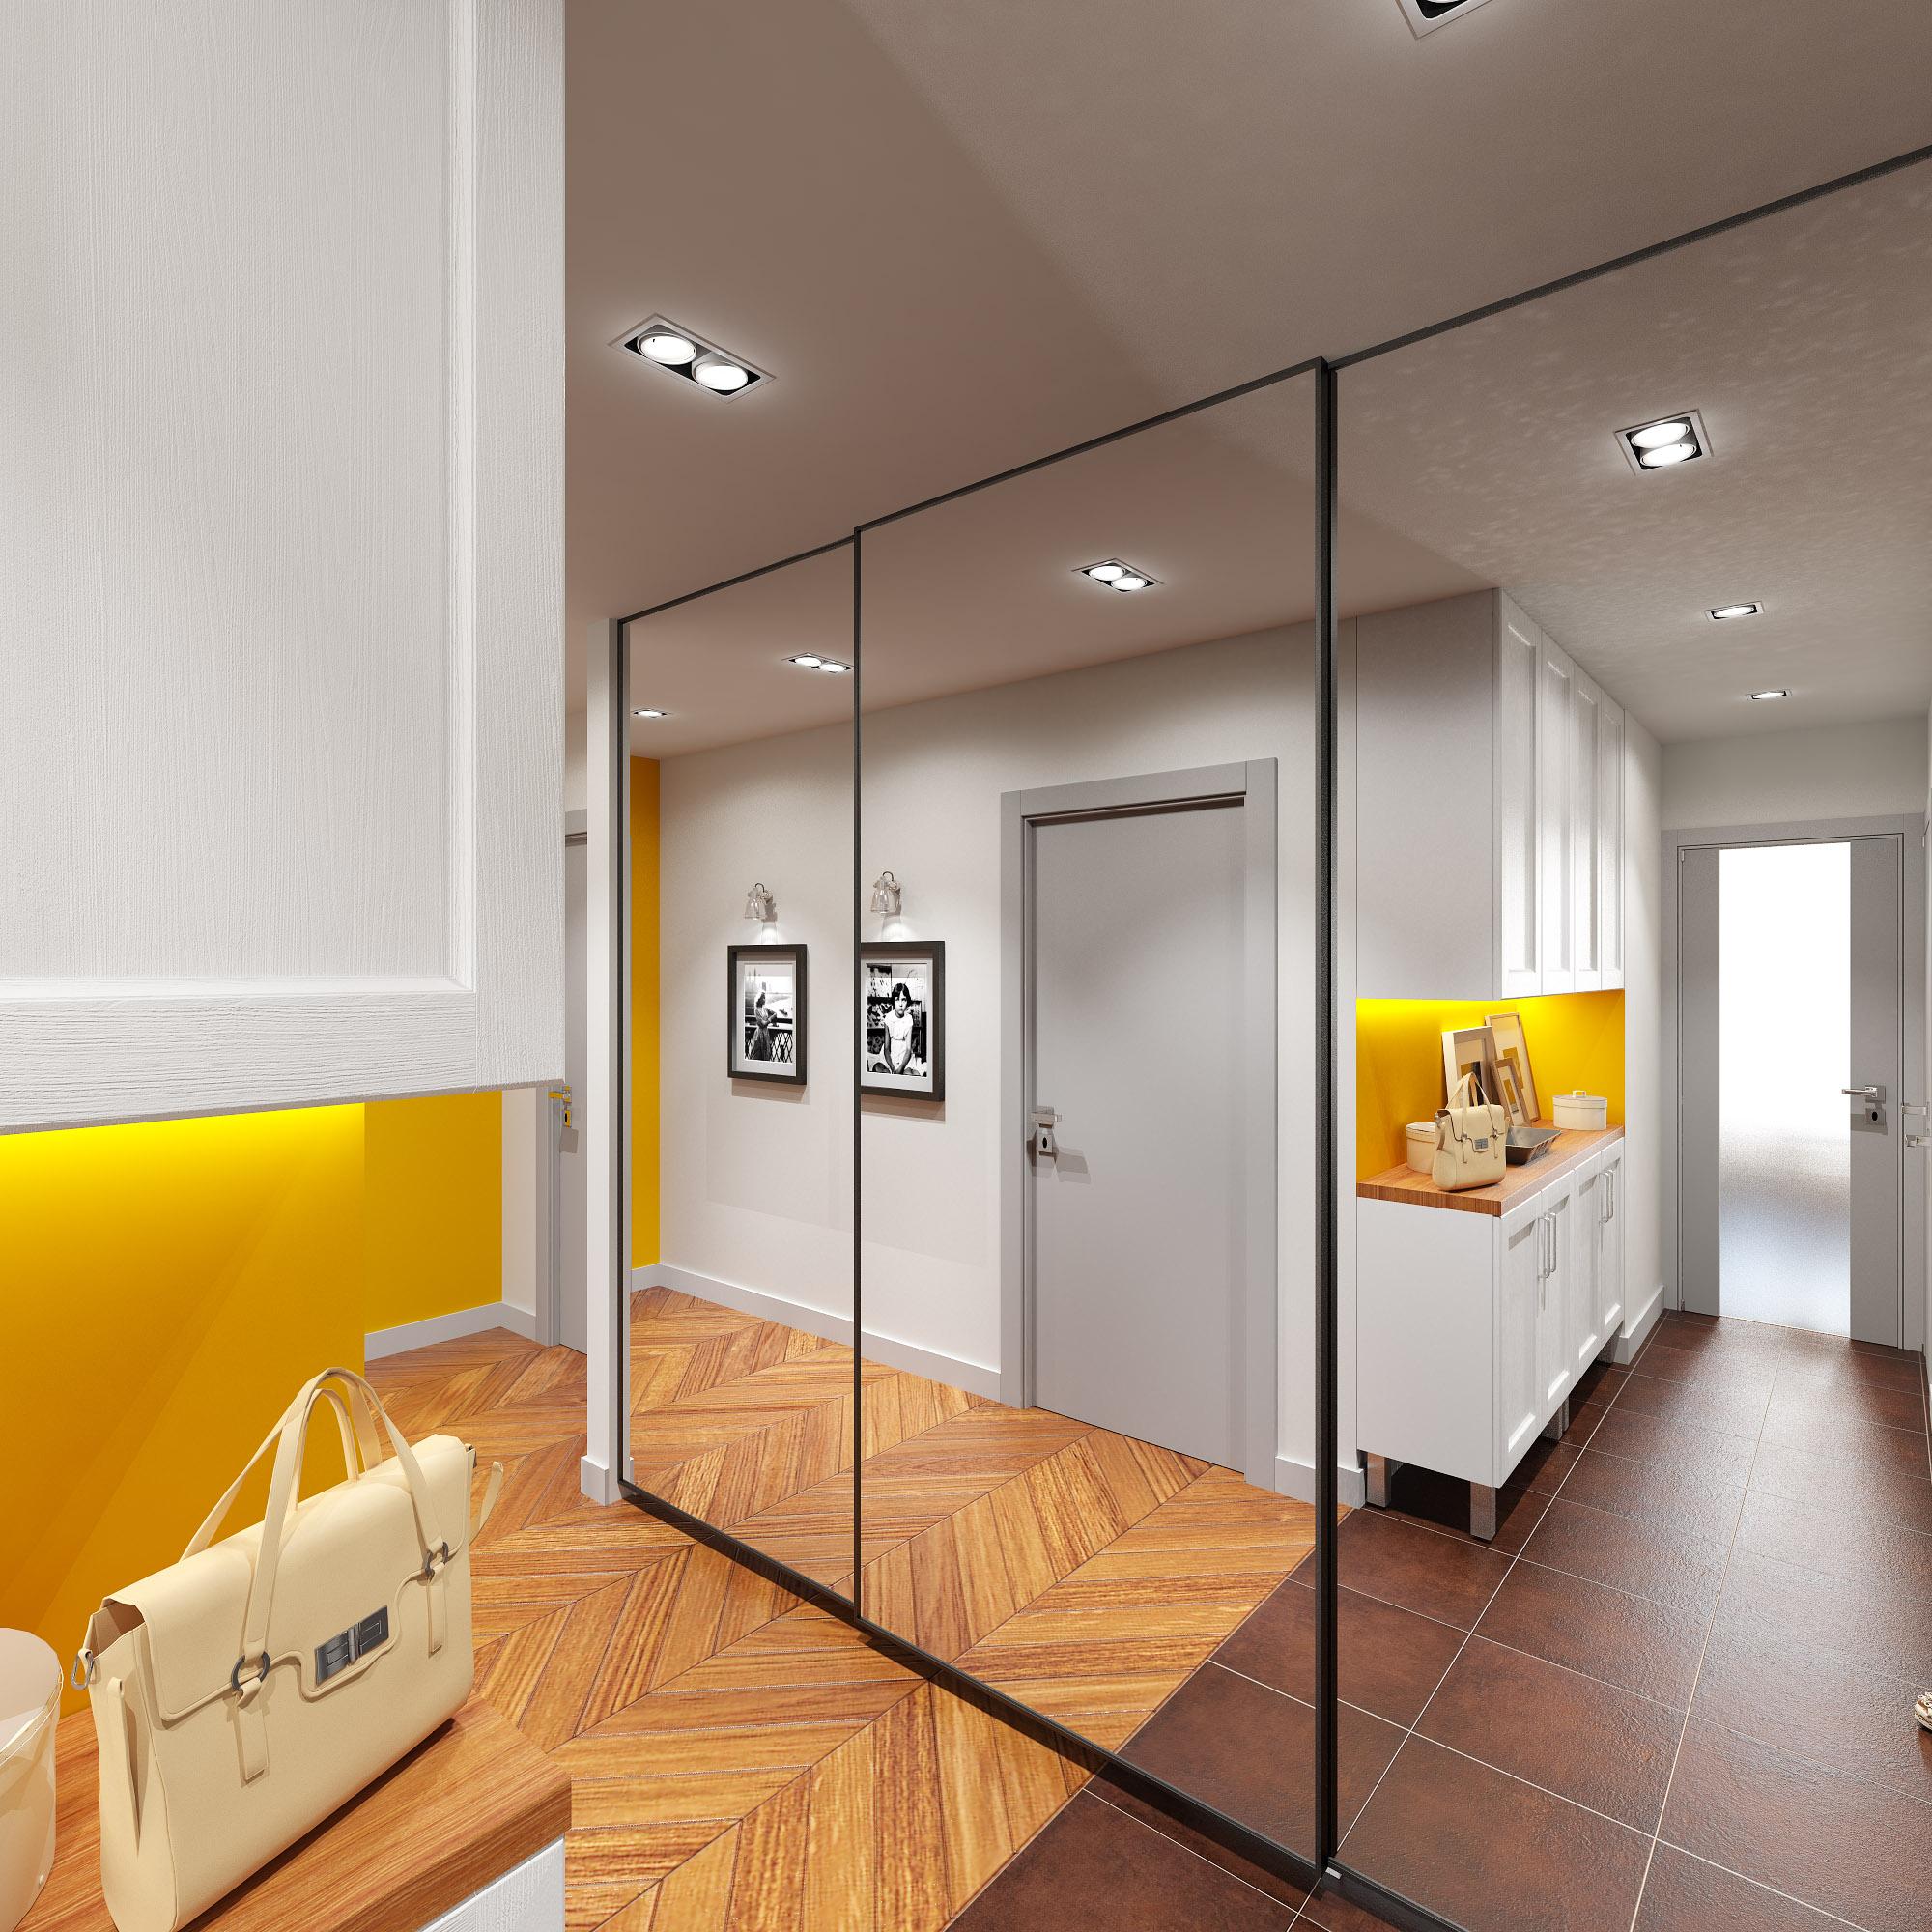 Точечные двойные и одинарные светильники в коридоре с большим зеркальным шкафом